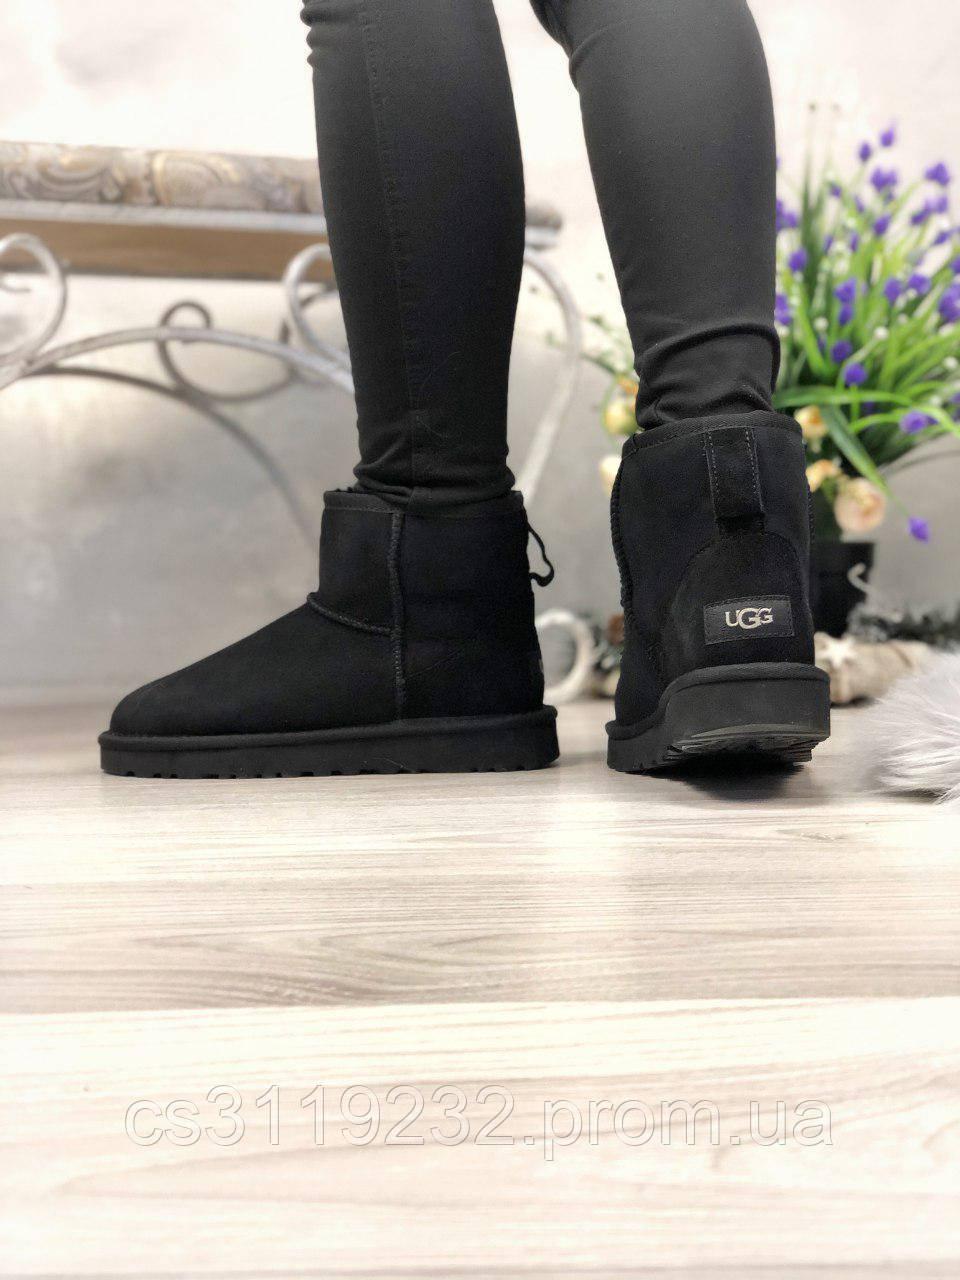 Мужские сапоги зимние UGG Classic 2 Mini Black (черный)